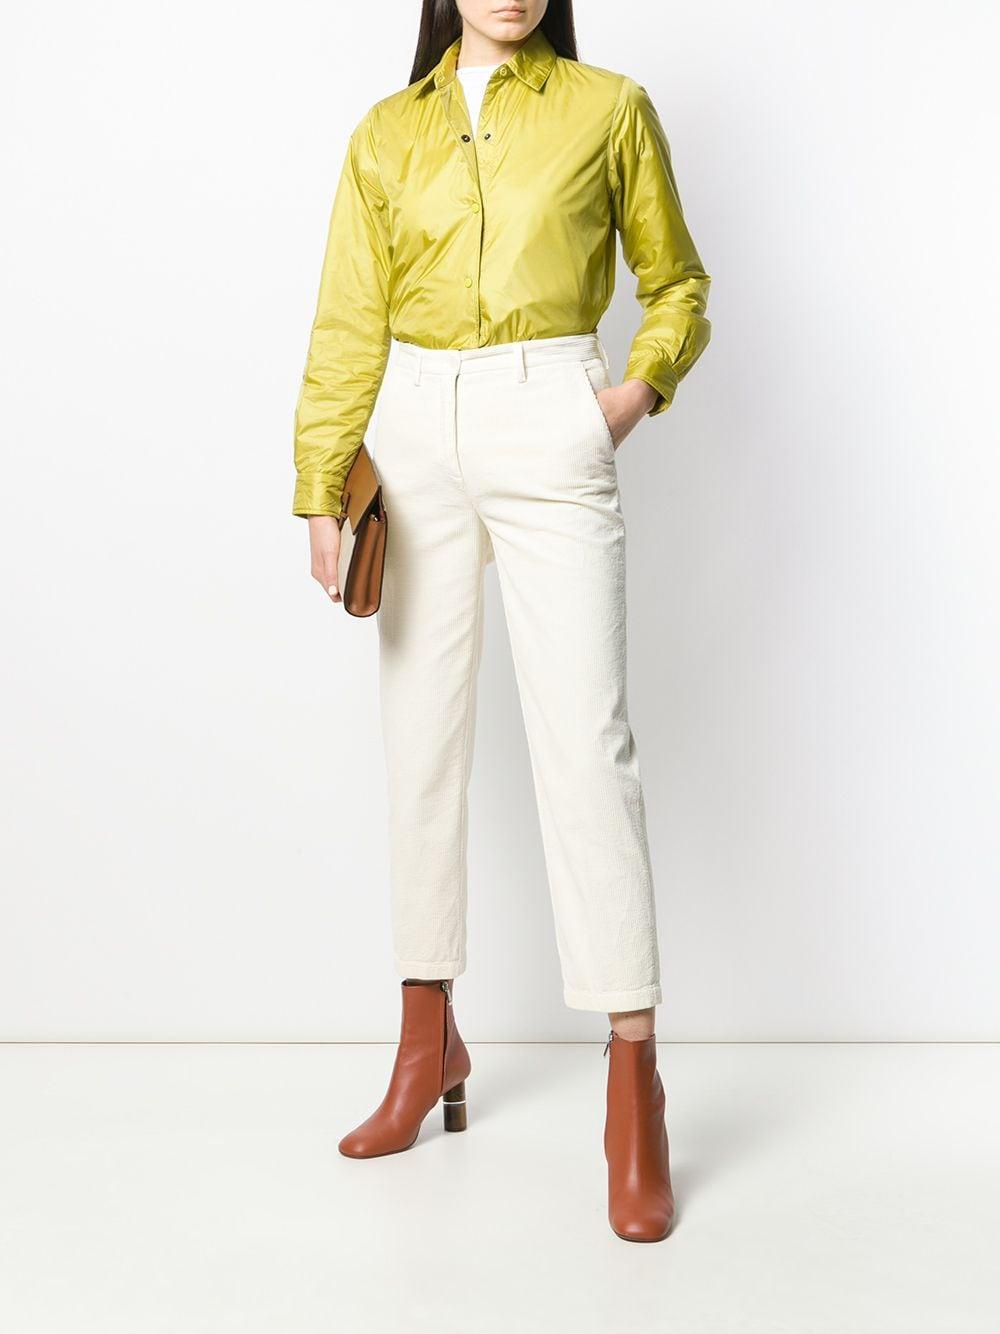 Pantaloni cropped in velluto a coste di cotone bianco avorio con vita media ALBERTO ASPESI | Pantaloni | 0101-E79285071